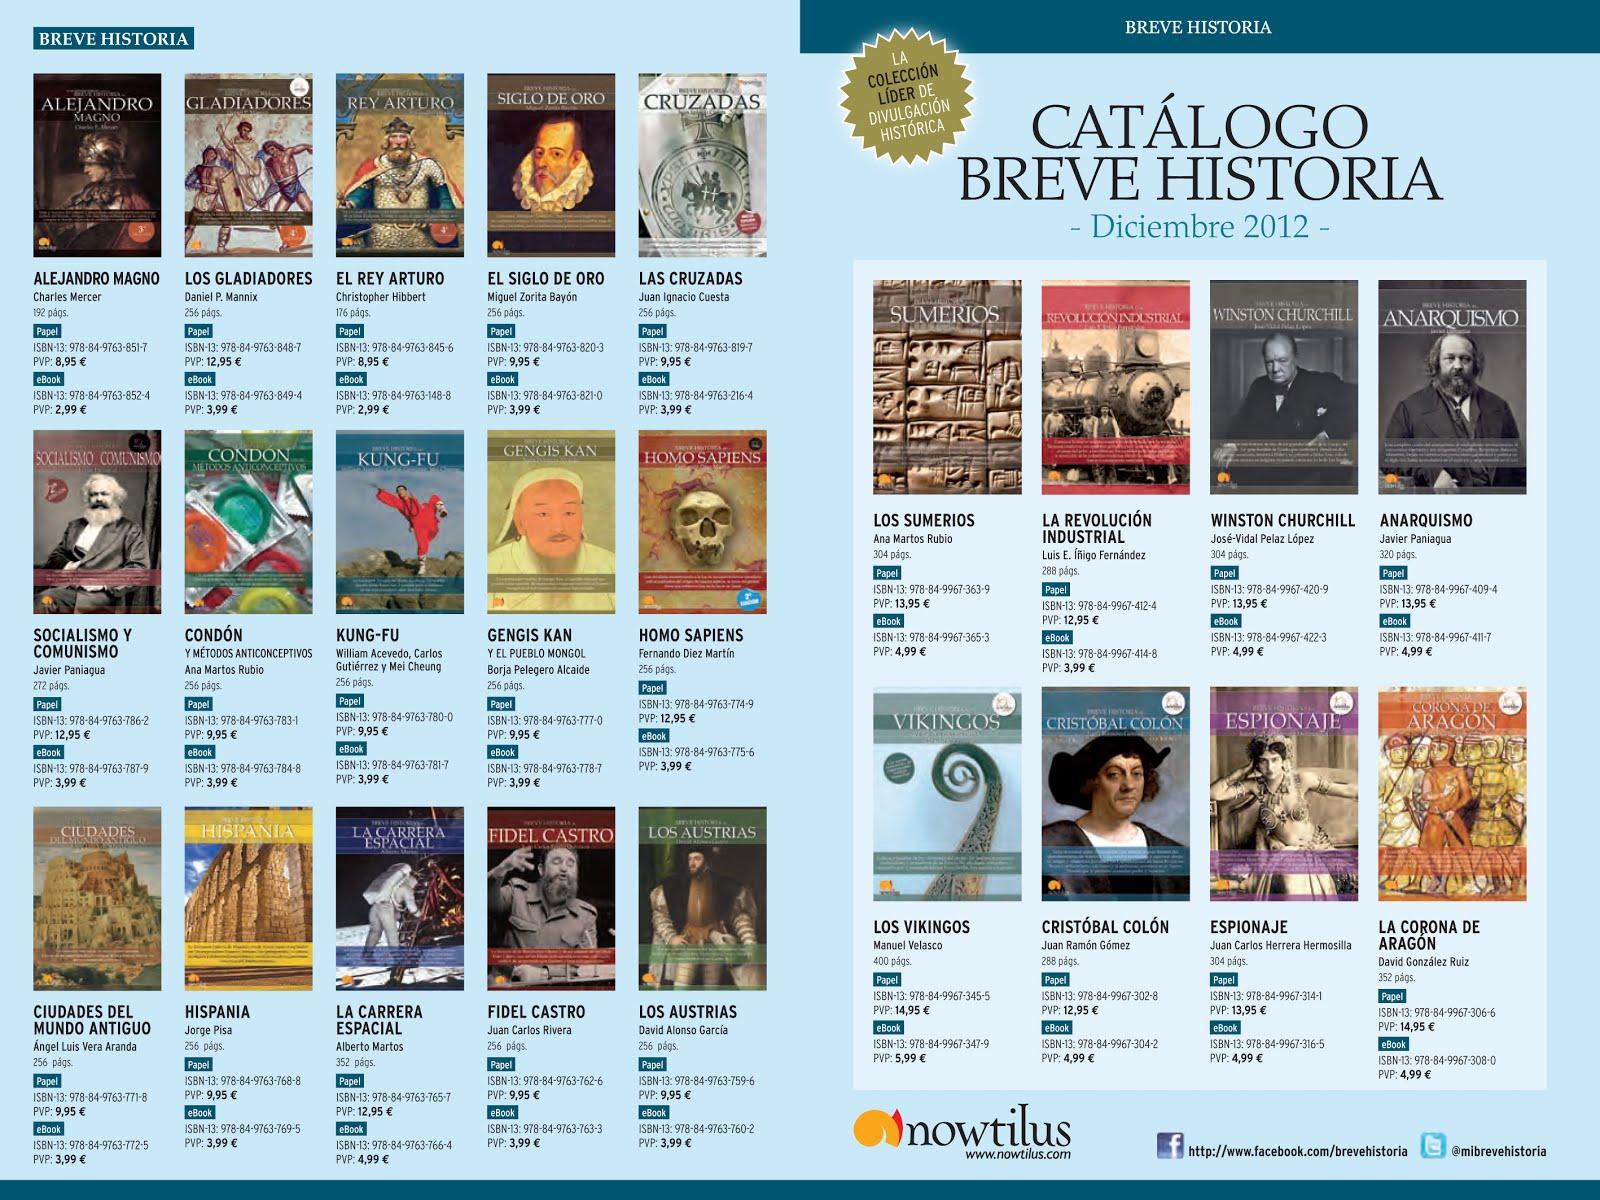 Algunos libros de la «Colección Breve Historia» - Editorial Nowtilus, de divulgación histórica - Formato epub y algunos en pdf CatalogoBreveHistoriaDiciembre2012%2B1